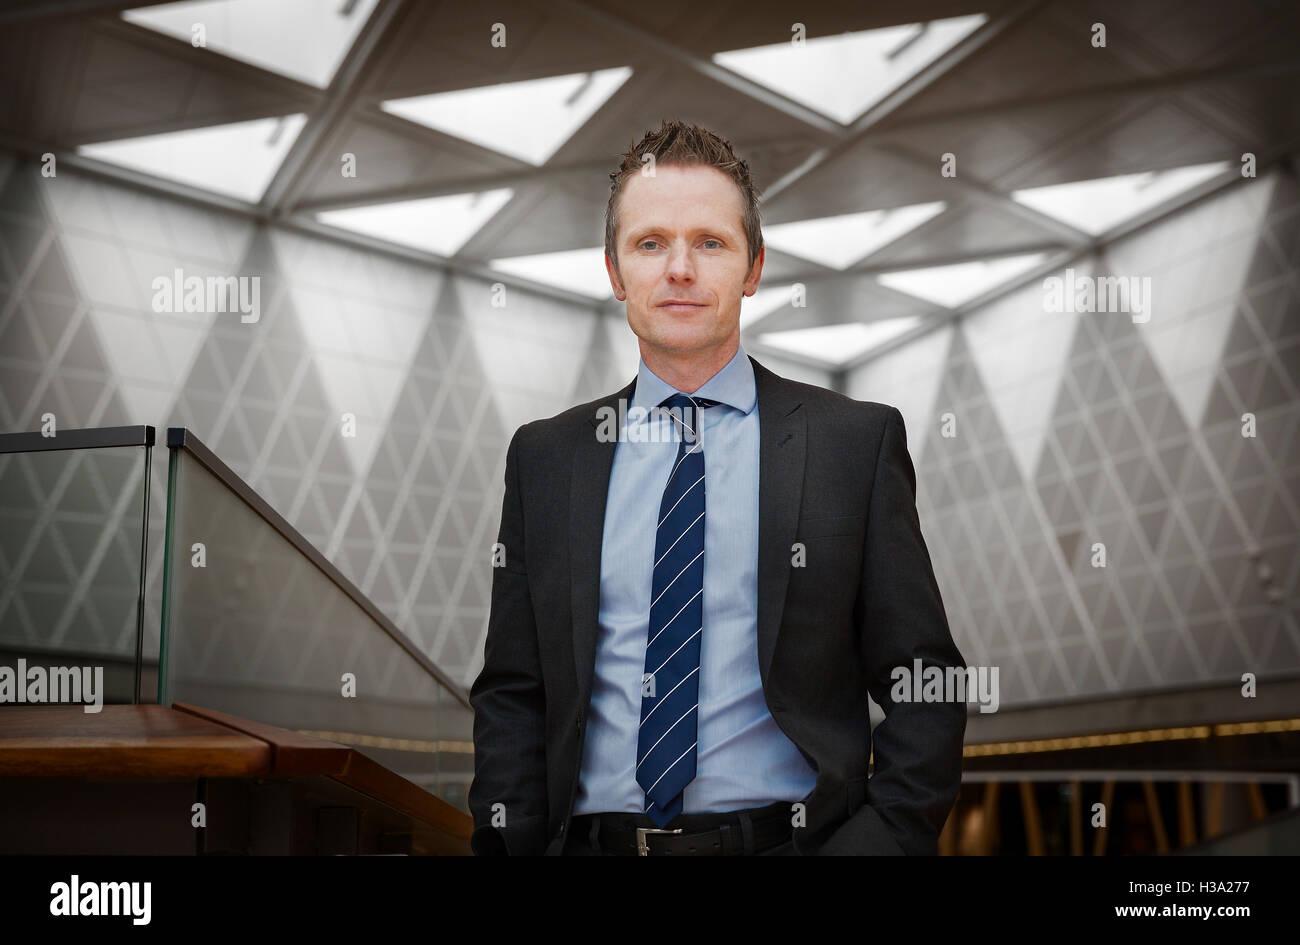 Confident businessman standing dans un bâtiment d'entreprise. Banque D'Images